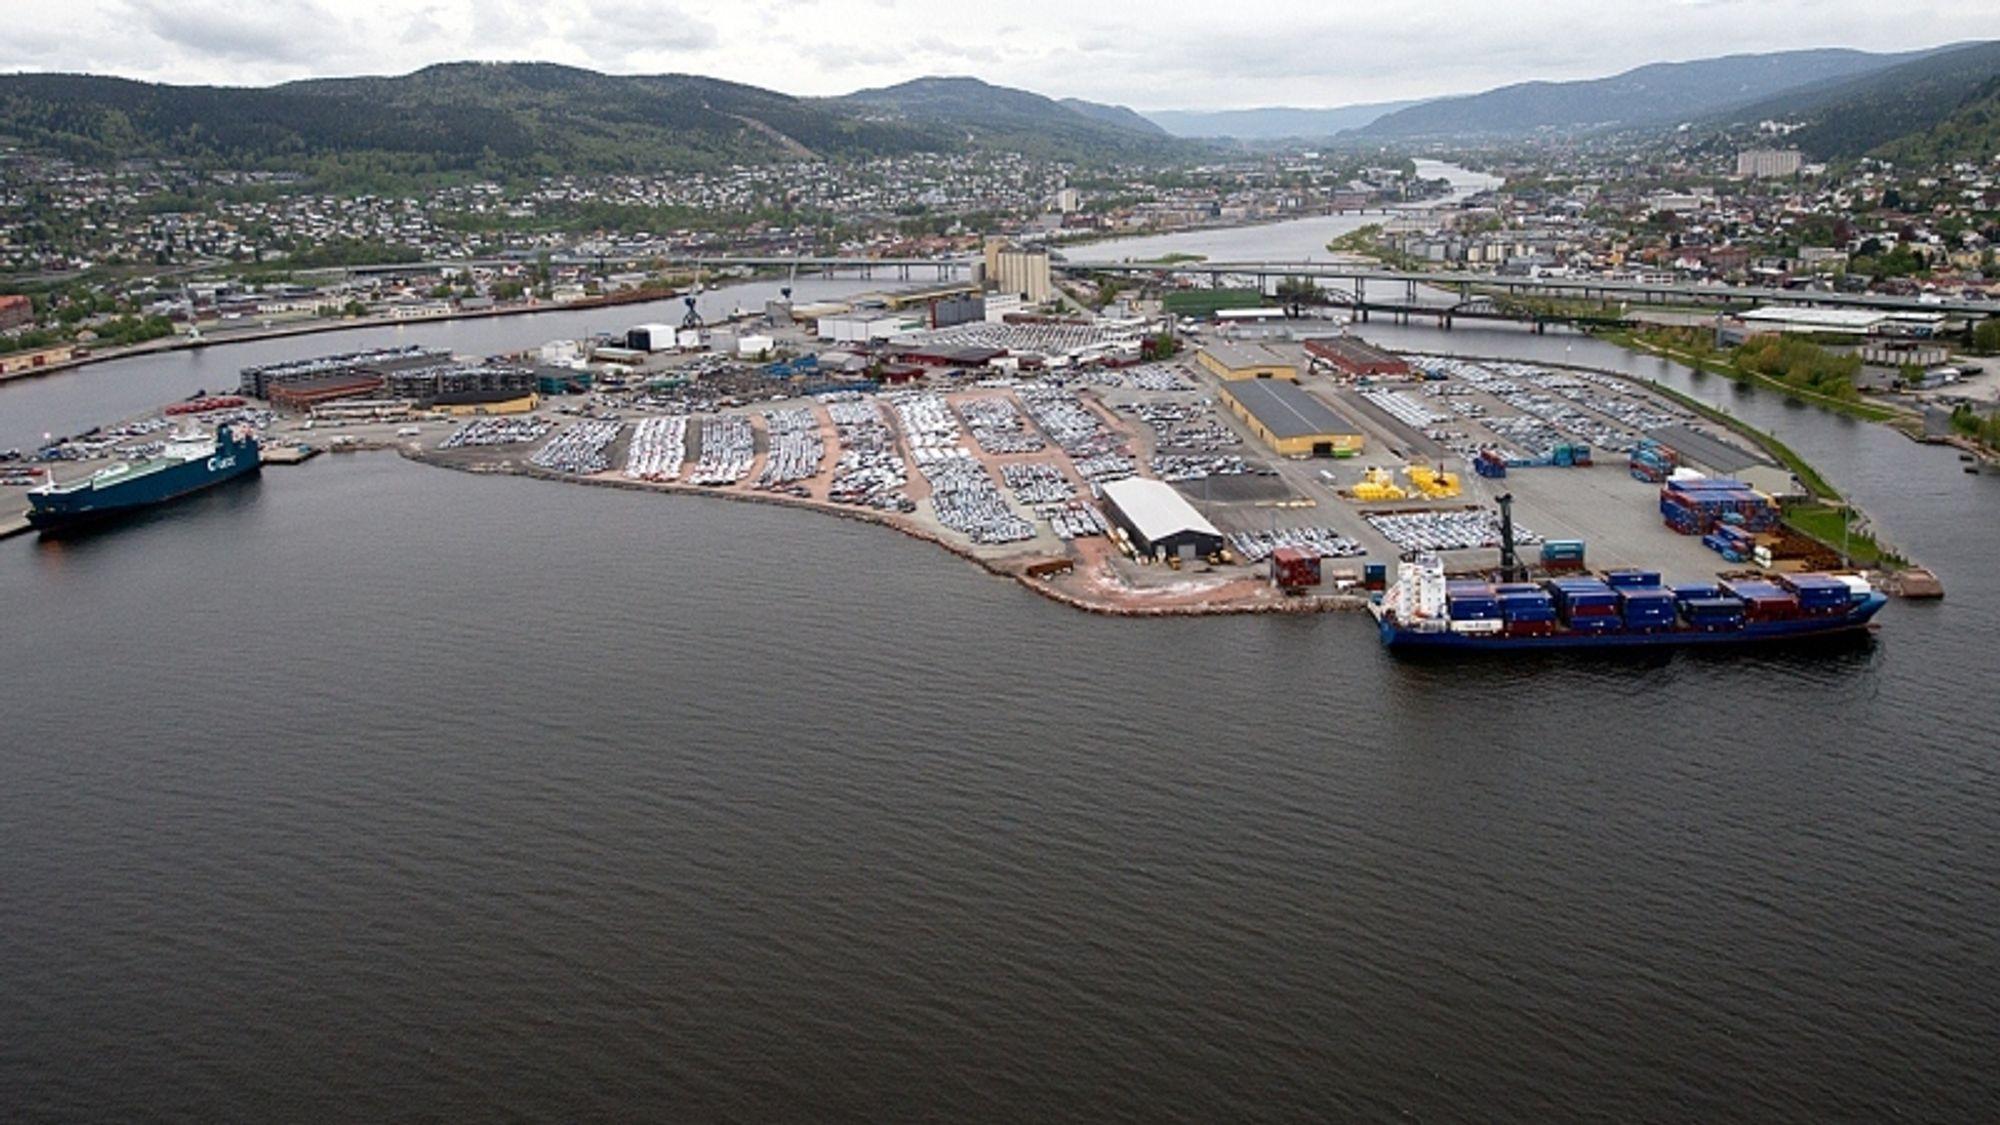 Området til venstre og midt på bildet skal fylles ut og skaffe Drammen ytterligere 150.000 kvadratmeter. Bildet er tatt før jernbanesporet ble lagt inn, rett til venstre for de to gule lagerbyggene. Nye spor for containeromlasting skal legges til høyre ved lagerbyggene.